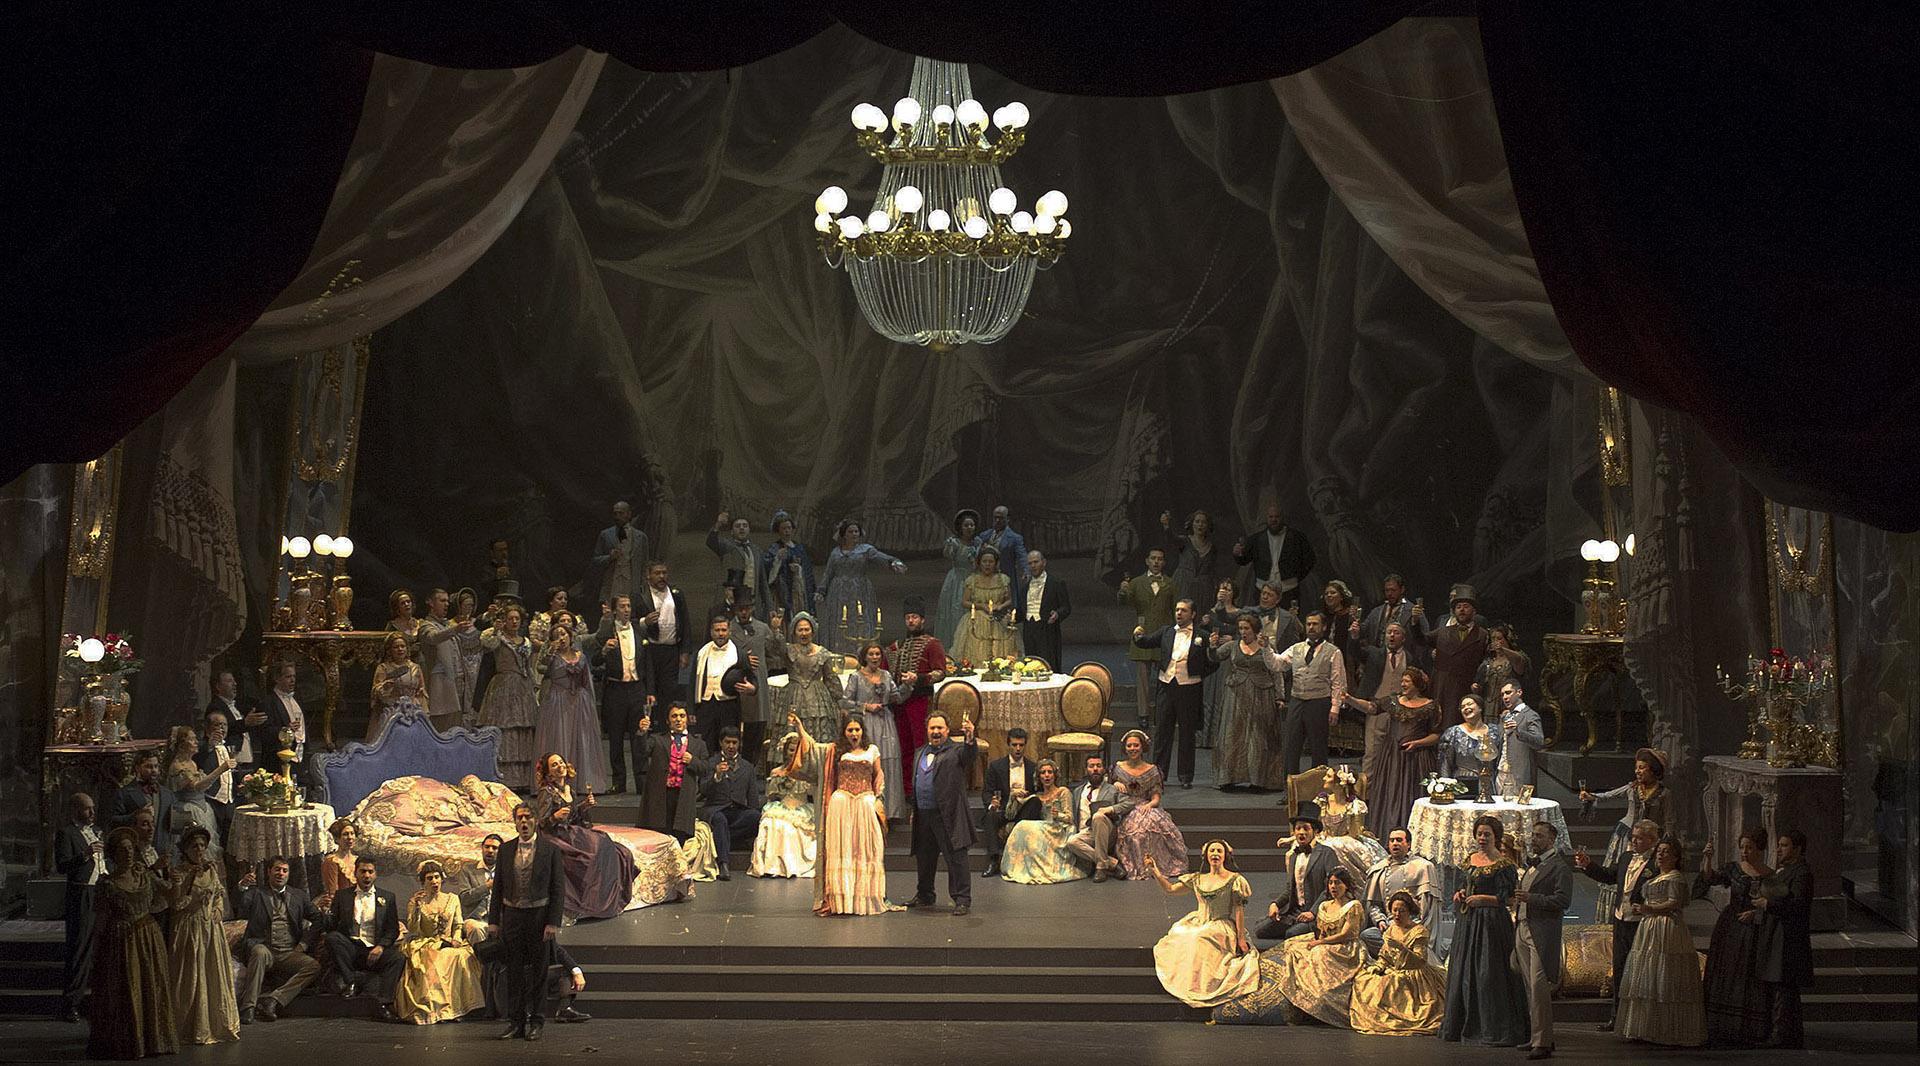 Saimir Pirgu, acompaña a su compatriota de Albania, Ermonela Jaho, protagonizando y dando vida al rol de Alfredo en la edificación de esos duetos que guían la maravilla musical de la composición de Verdi